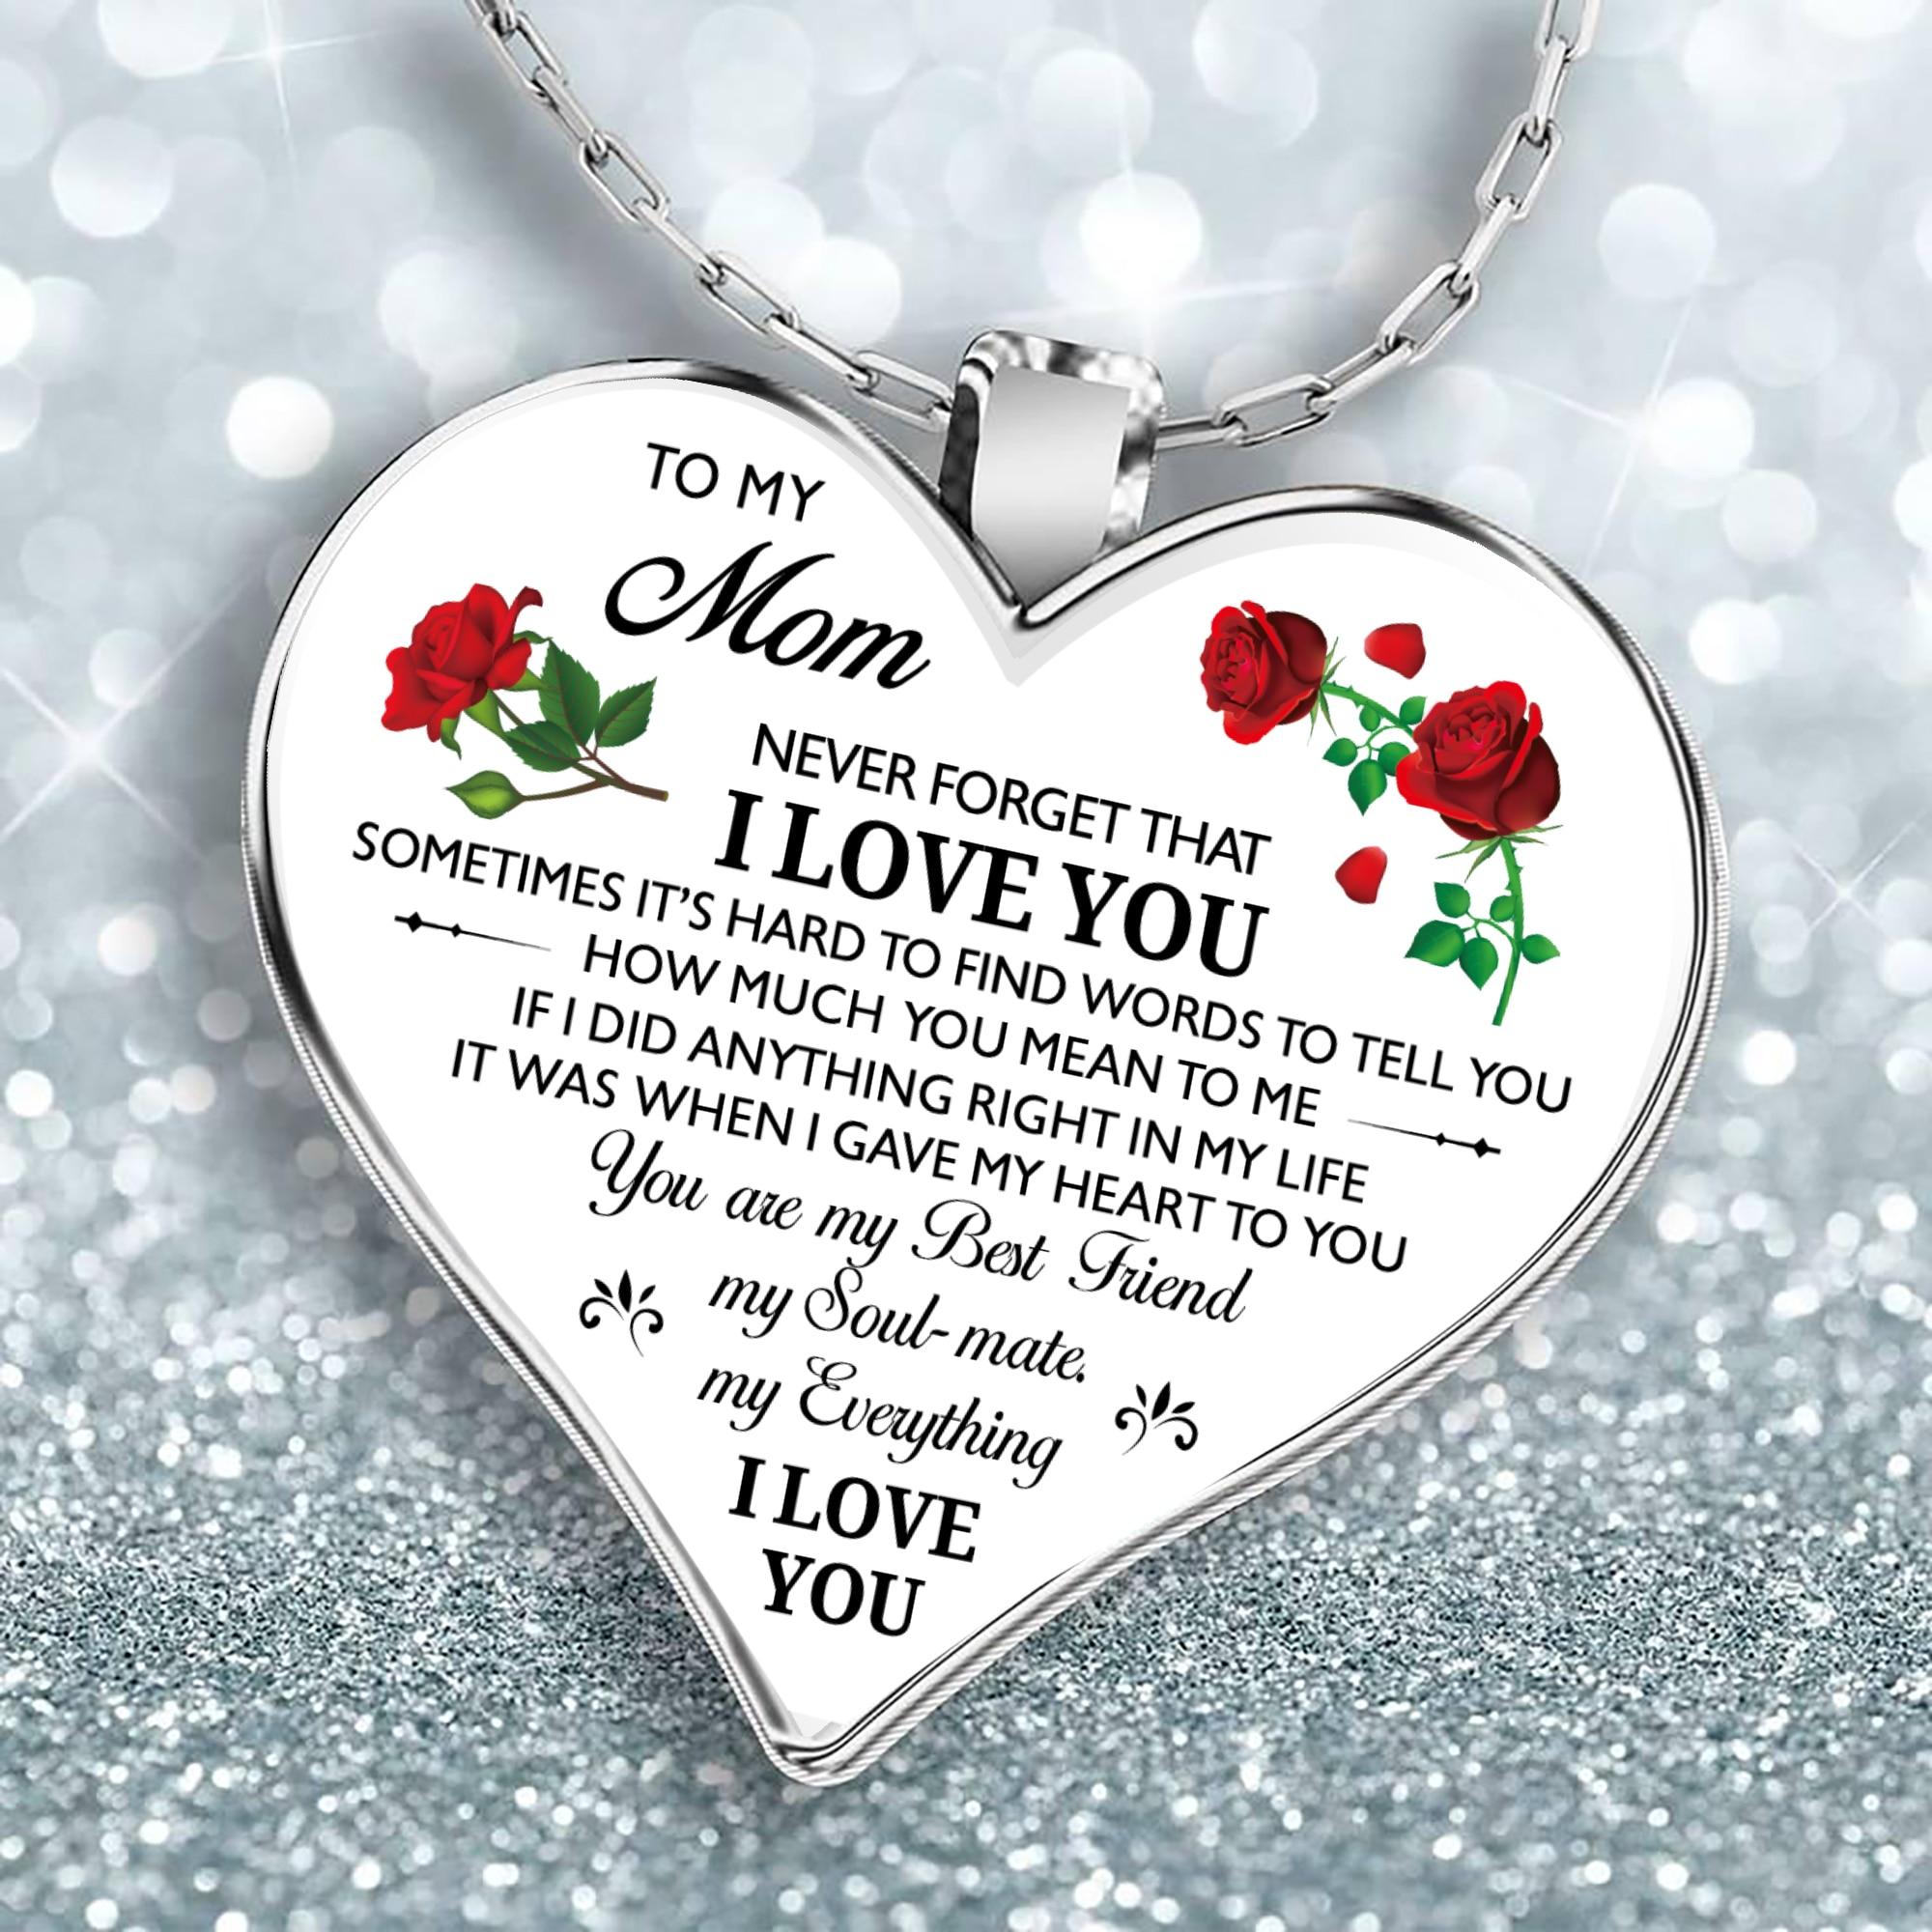 Ожерелье с сердцем для моей мамы, дочери, серебряная цепочка, ожерелья для женщин, подарок на день матери